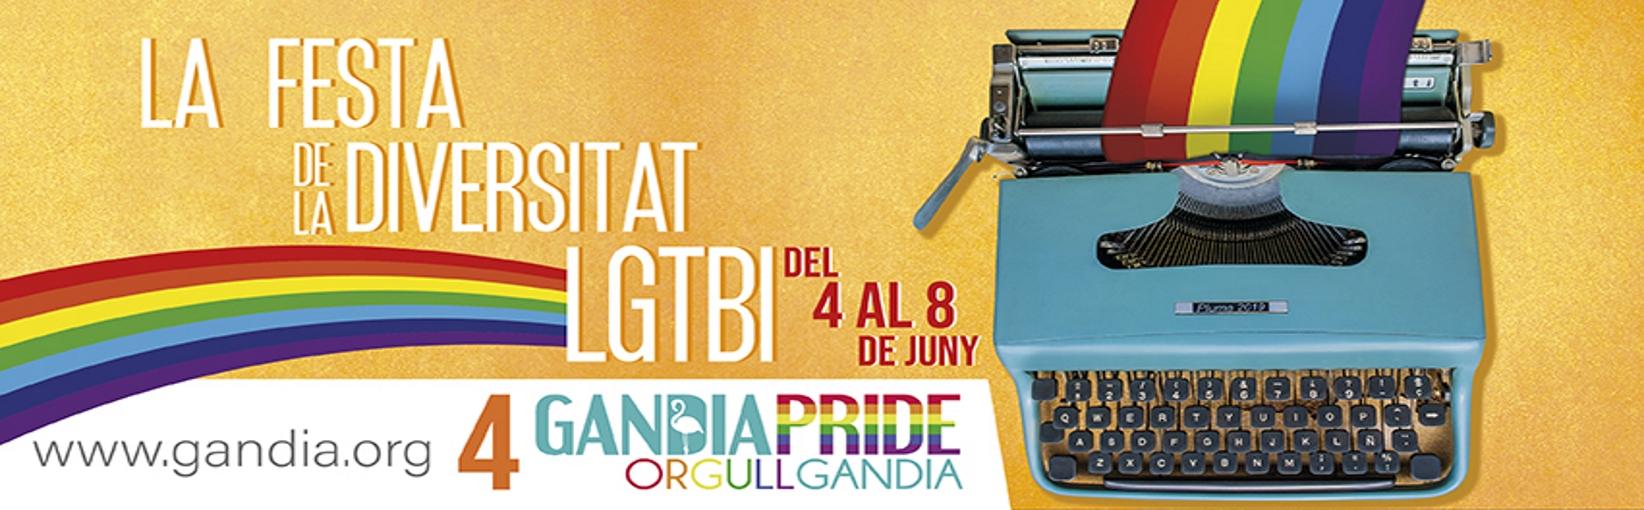 Gandia Pride, la fiesta de la diversidad